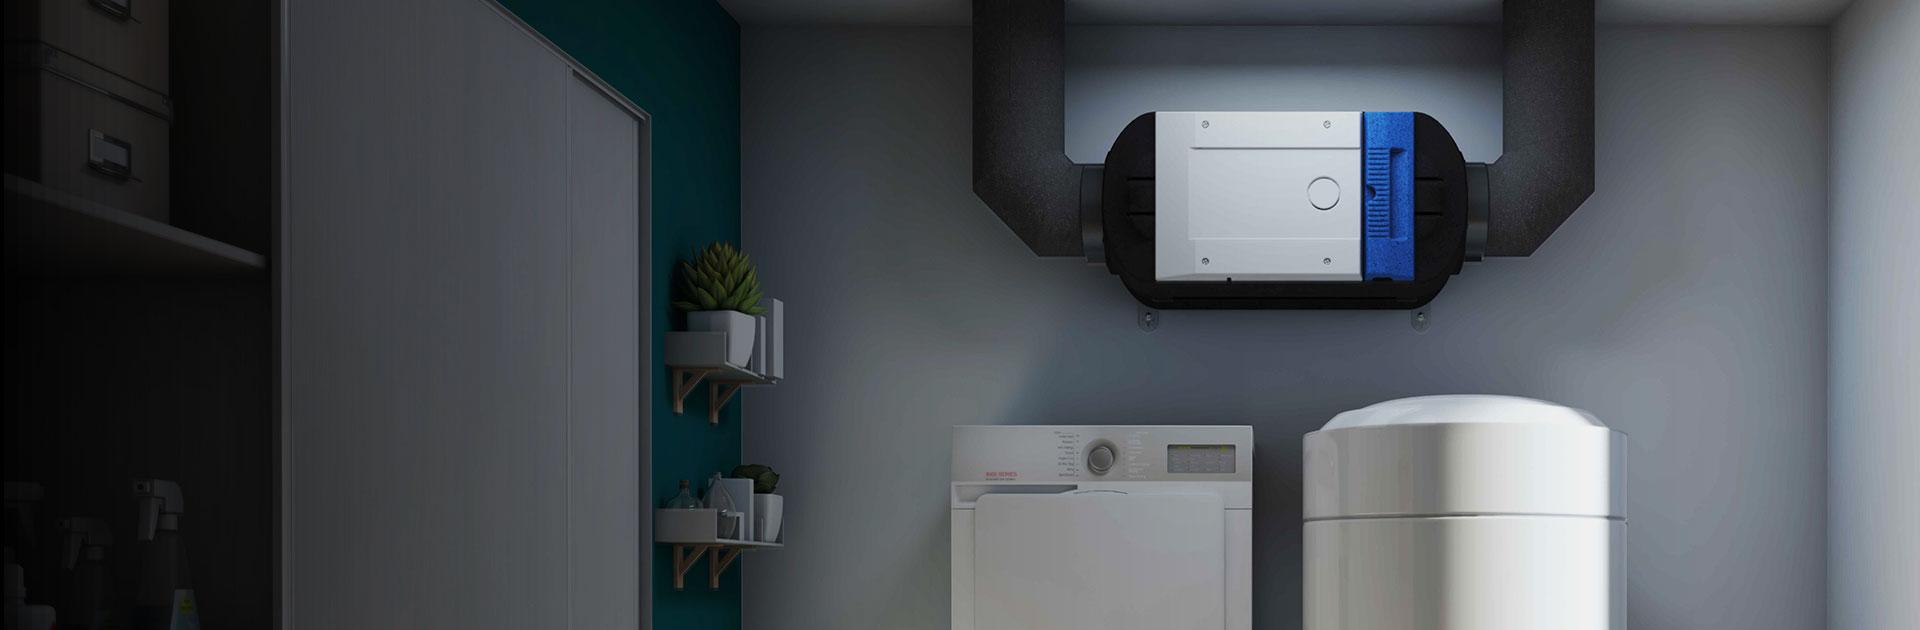 La VMI Purevent intègre notre technologie brevetée qui assure un air de très grande qualité à l' intérieur de votre habitat.